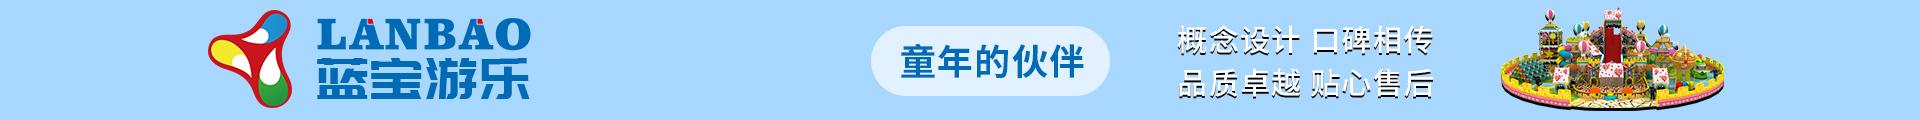 浙江蓝宝游乐设备有限公司